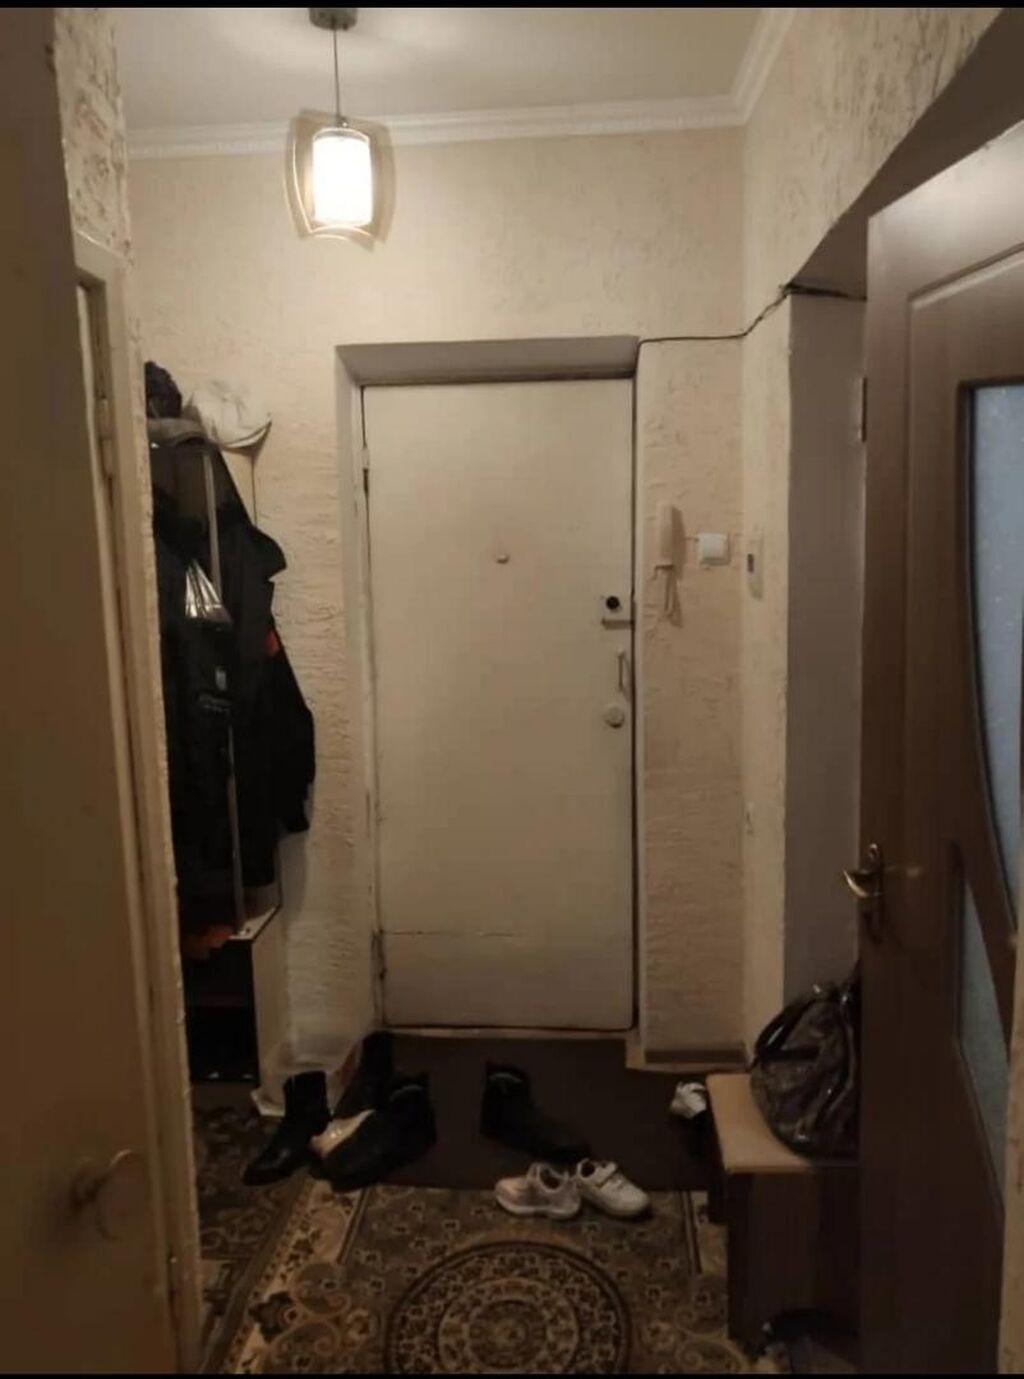 Хрущевка, 2 комнаты, 45 кв. м Бронированные двери, Неугловая квартира: Хрущевка, 2 комнаты, 45 кв. м Бронированные двери, Неугловая квартира